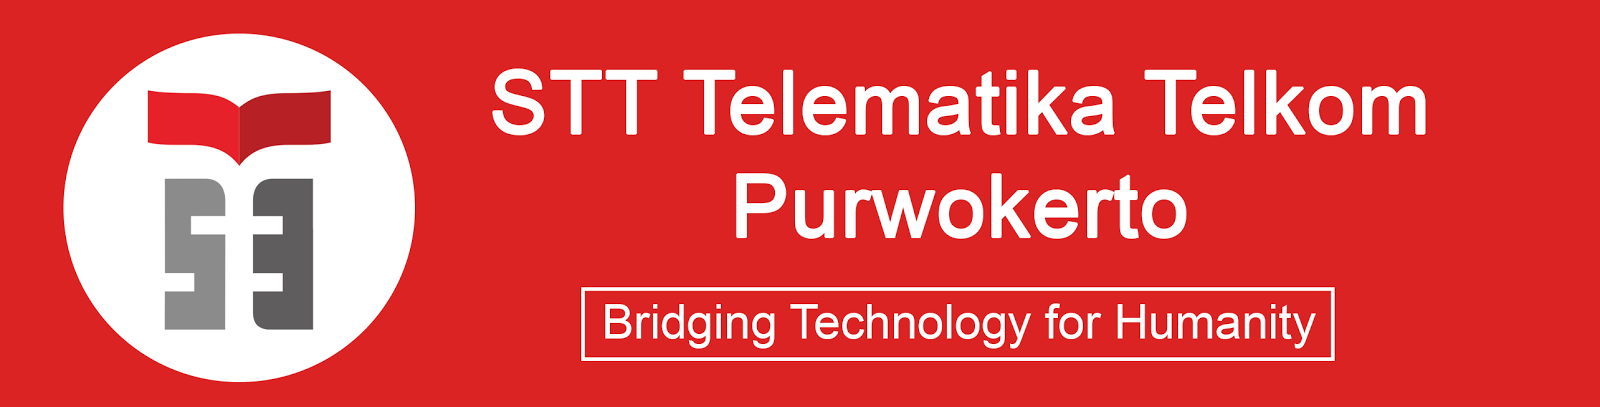 ST3 Telkom Purwokerto